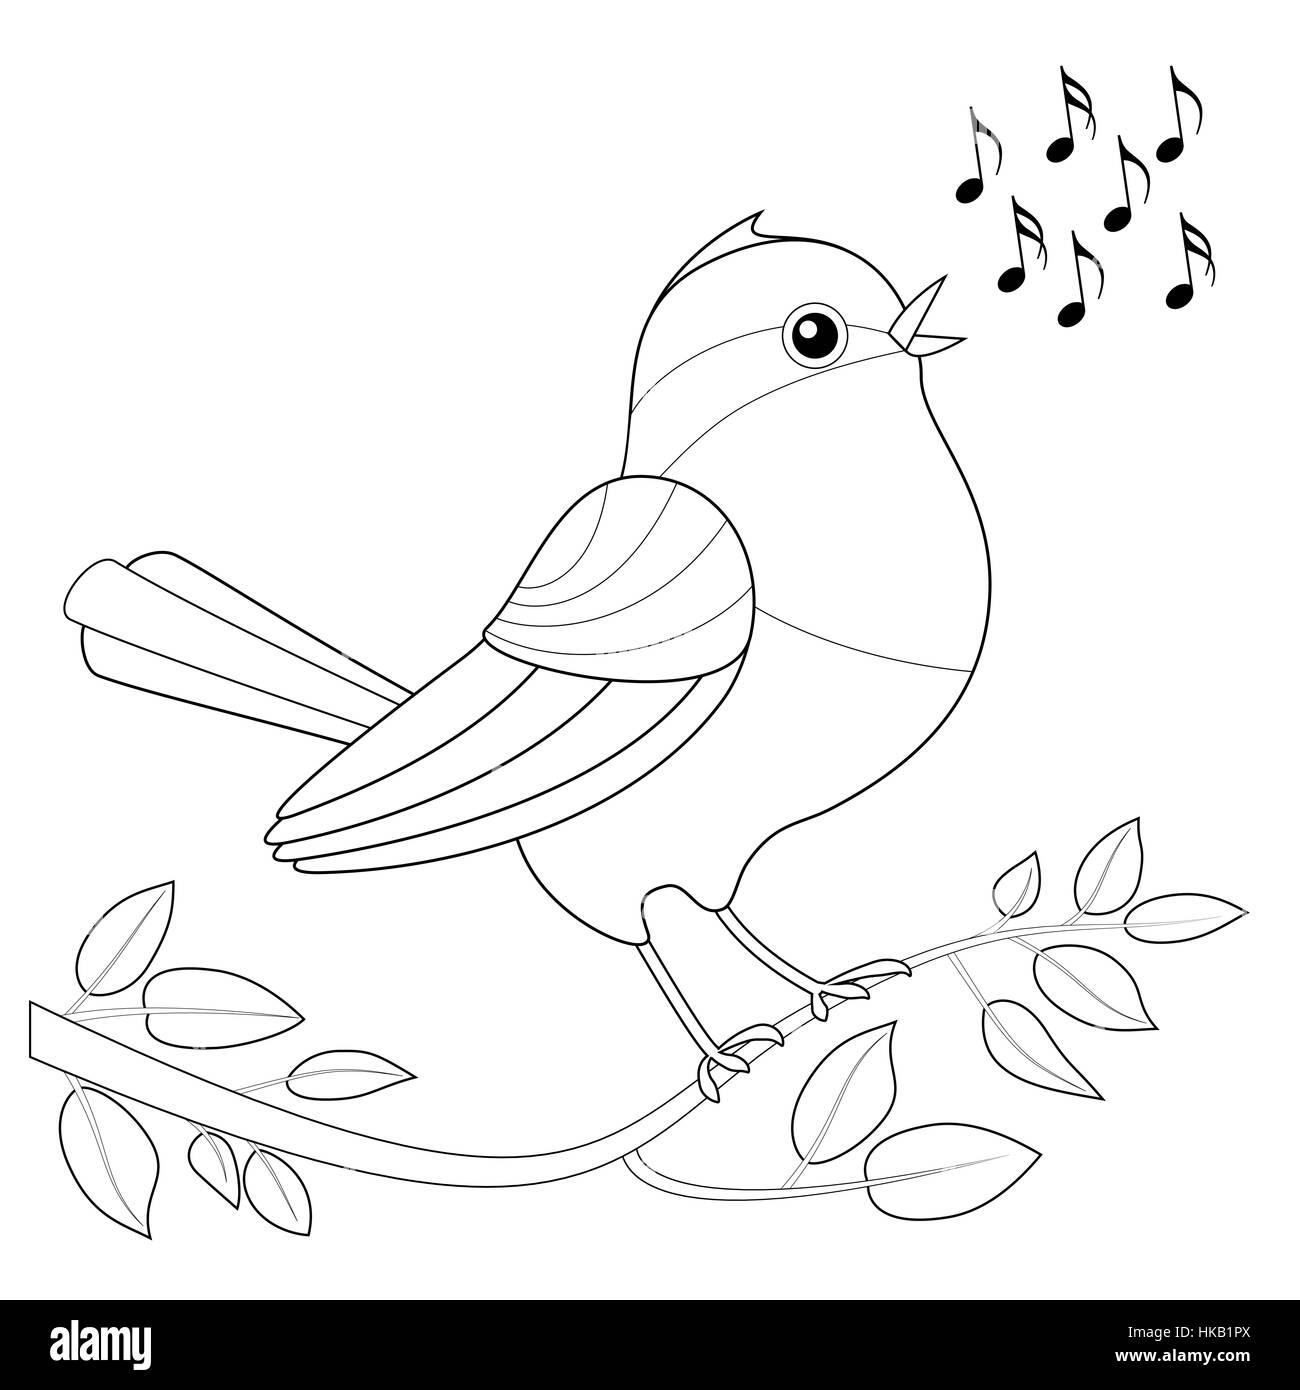 Picture Of Bird Imágenes De Stock & Picture Of Bird Fotos De Stock ...